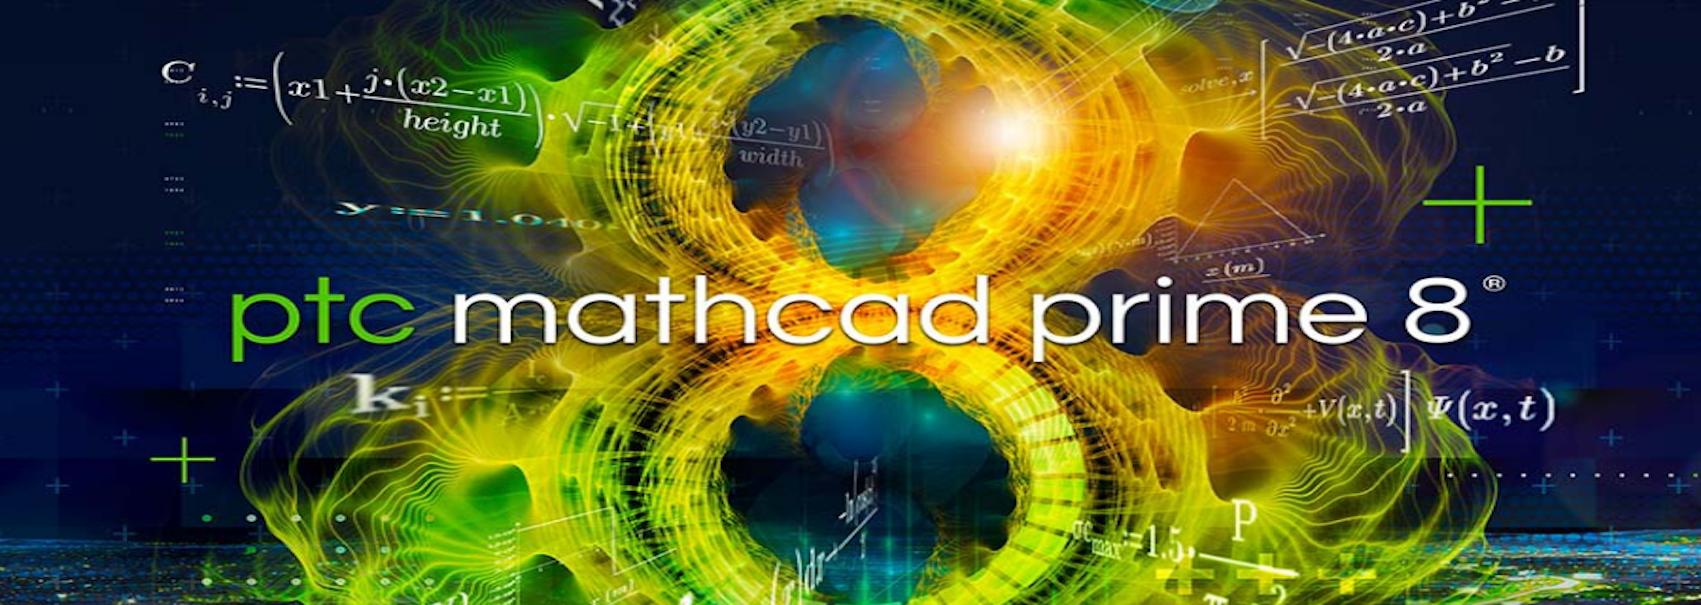 PTC-Mathcad-Prime-7 Home